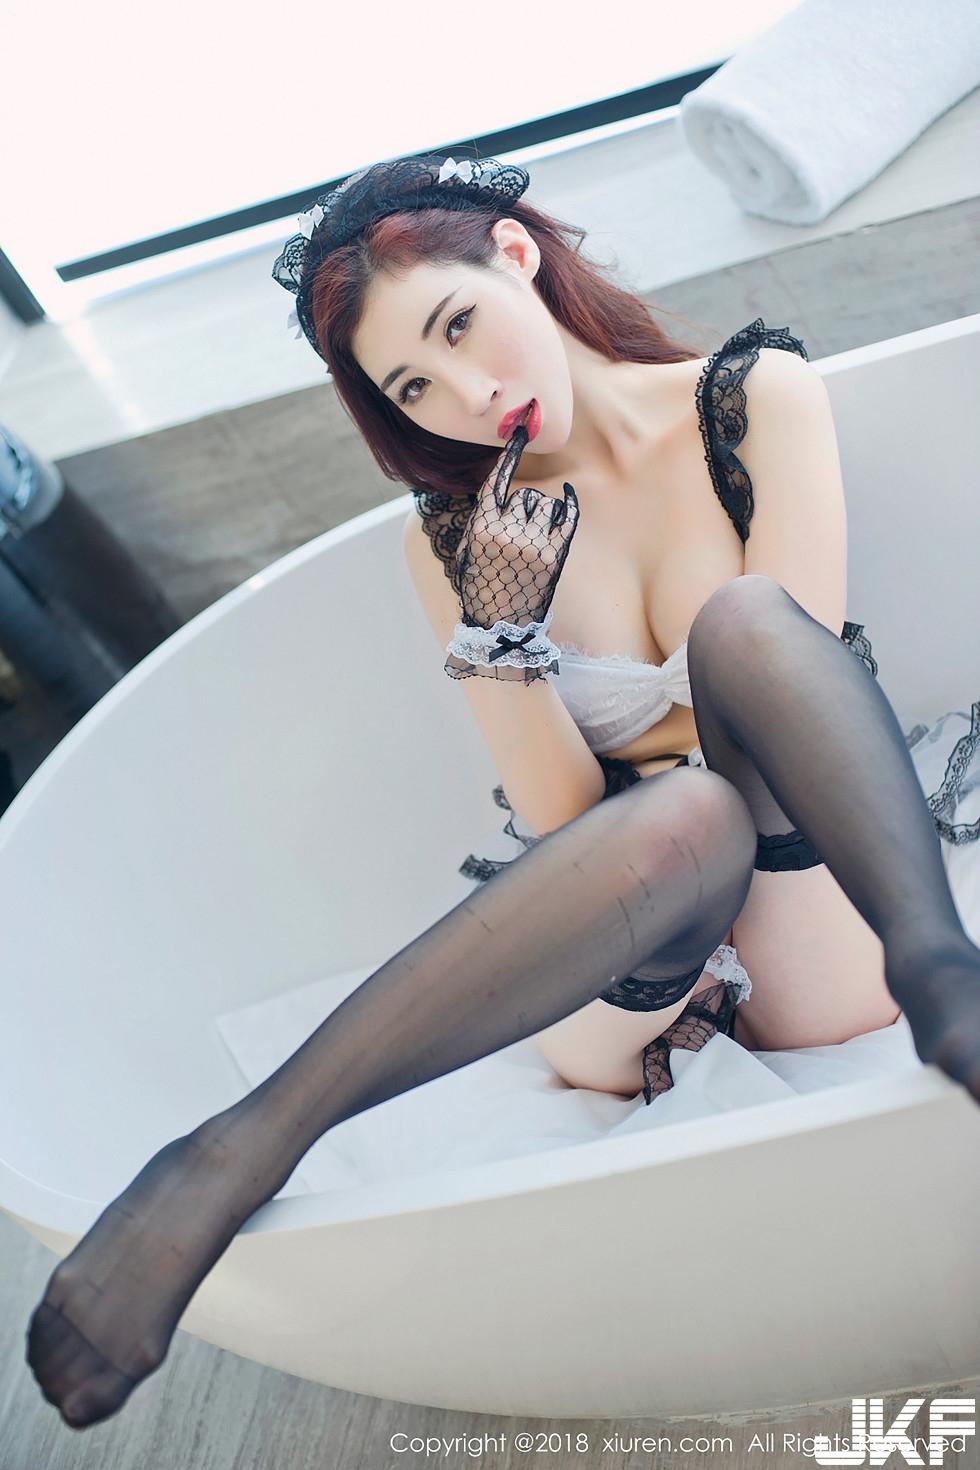 完美大蜜孫夢瑤V私房黑白蕾絲女仆裝配黑絲襪完美誘惑寫真 - 貼圖 - 清涼寫真 -